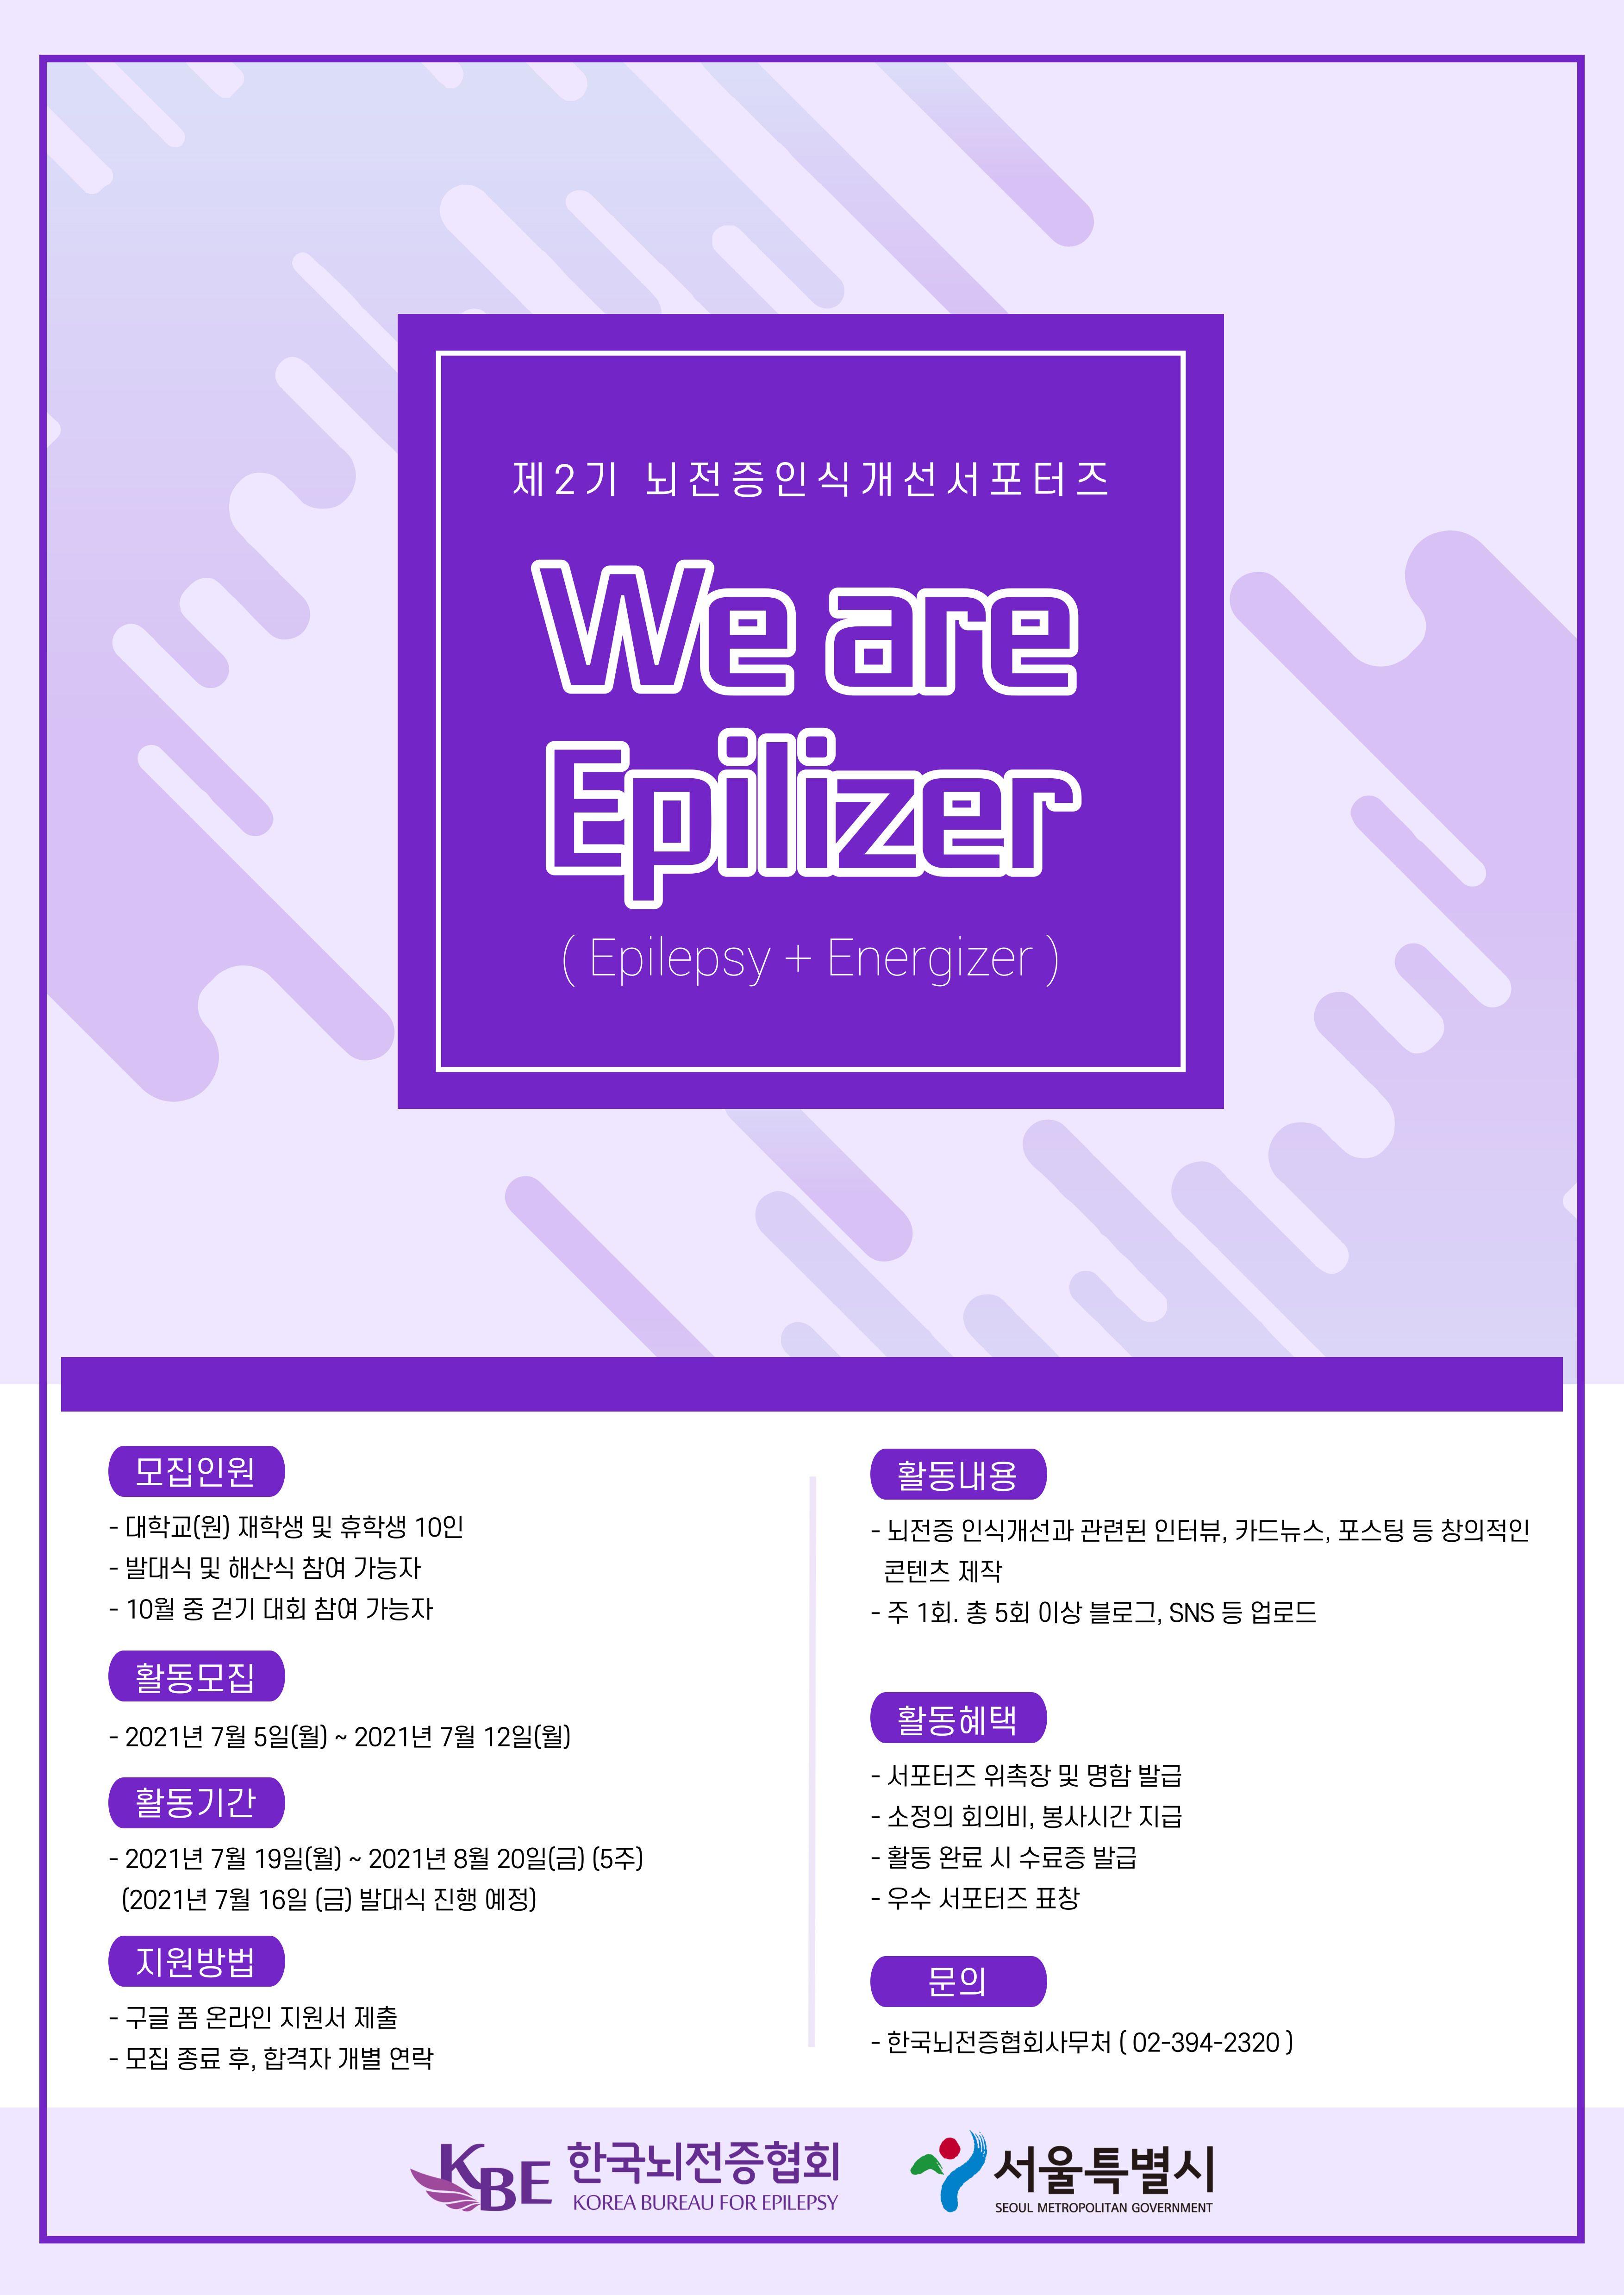 """사단법인 한국뇌전증협회  뇌전증 인식개선 서포터즈 """"We are Epilizer"""""""